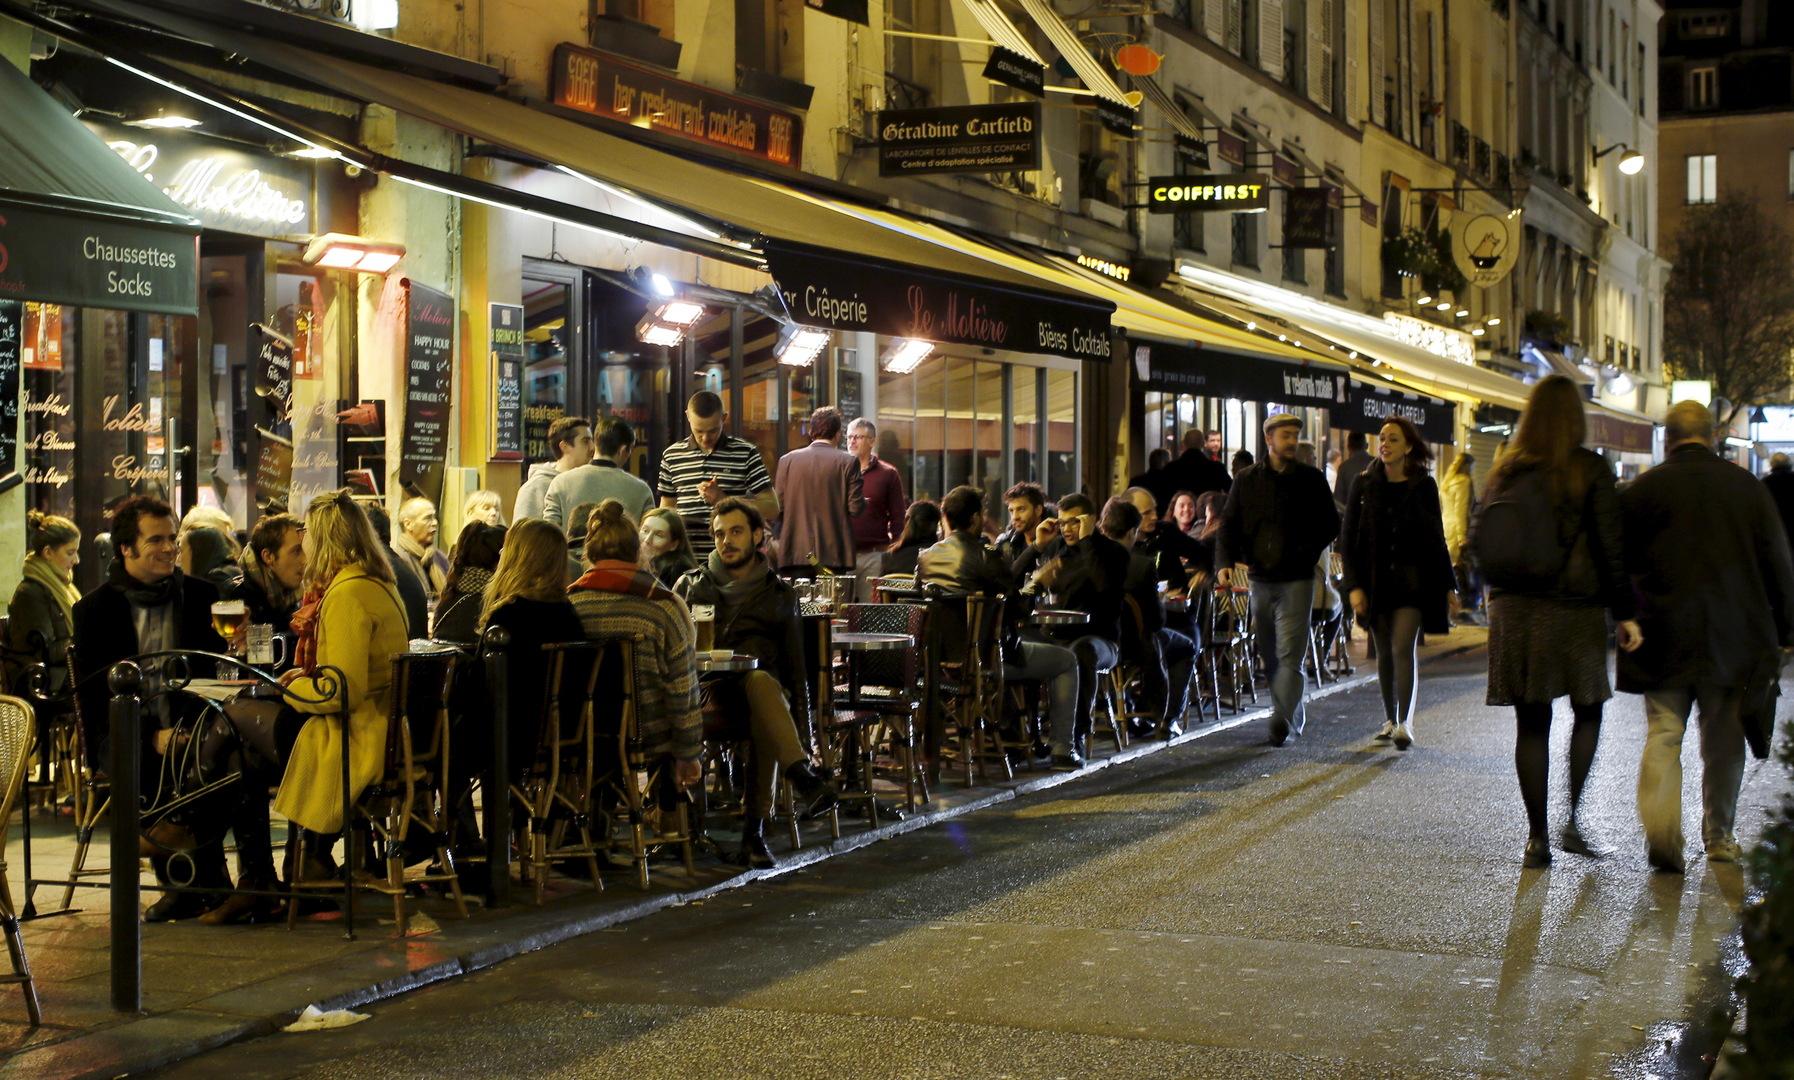 فرنسا تقوم بأولى خطوات رفع الإجراءات المتعلقة بحرية التنقل بين المدن